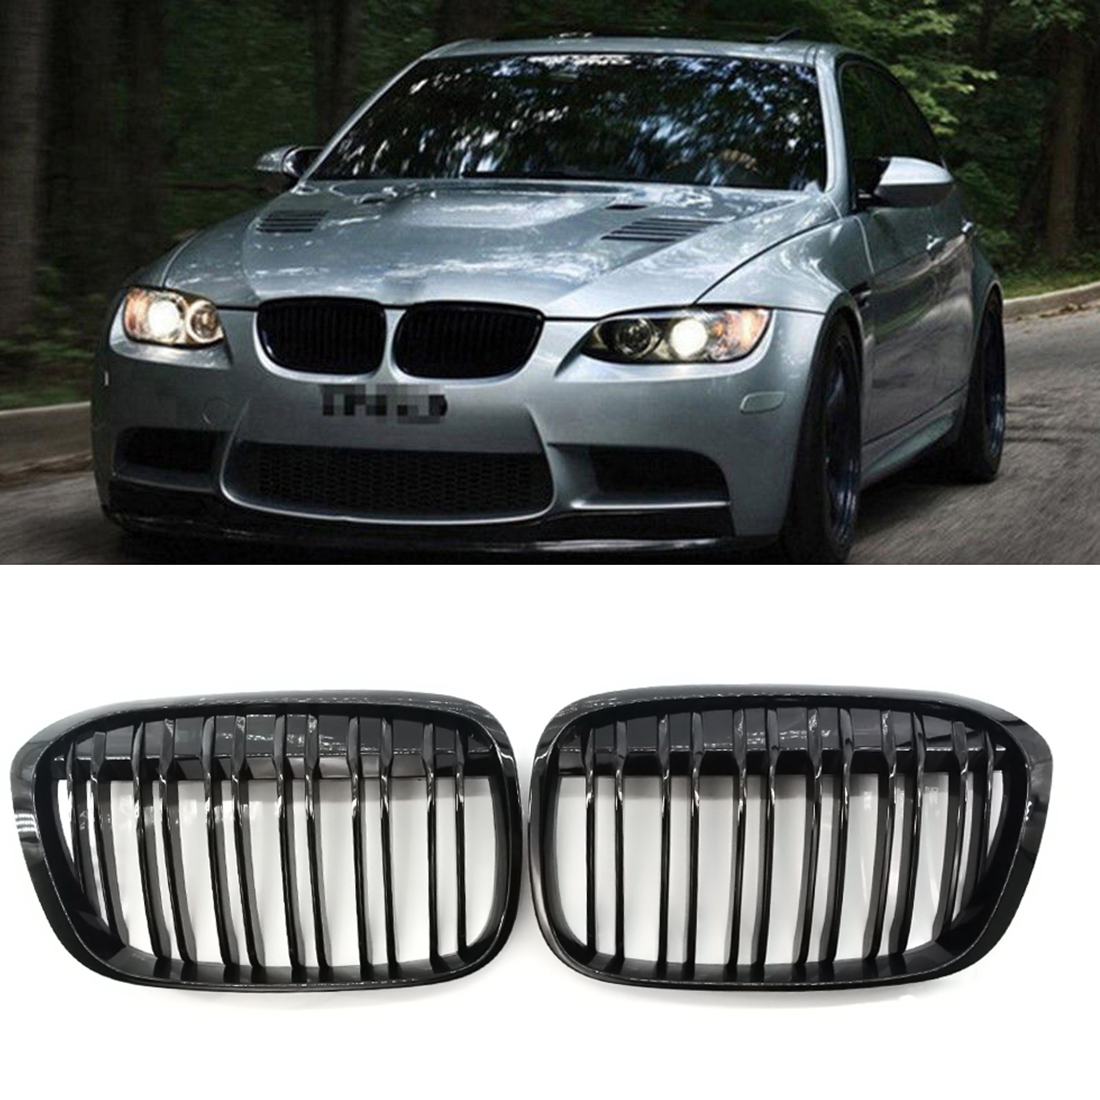 Calandre de pare-chocs avant noir mat de couleur M pour BMW E83 X3 LCI 07-10 Facelift GZ. A E83 XK L/LM/YM